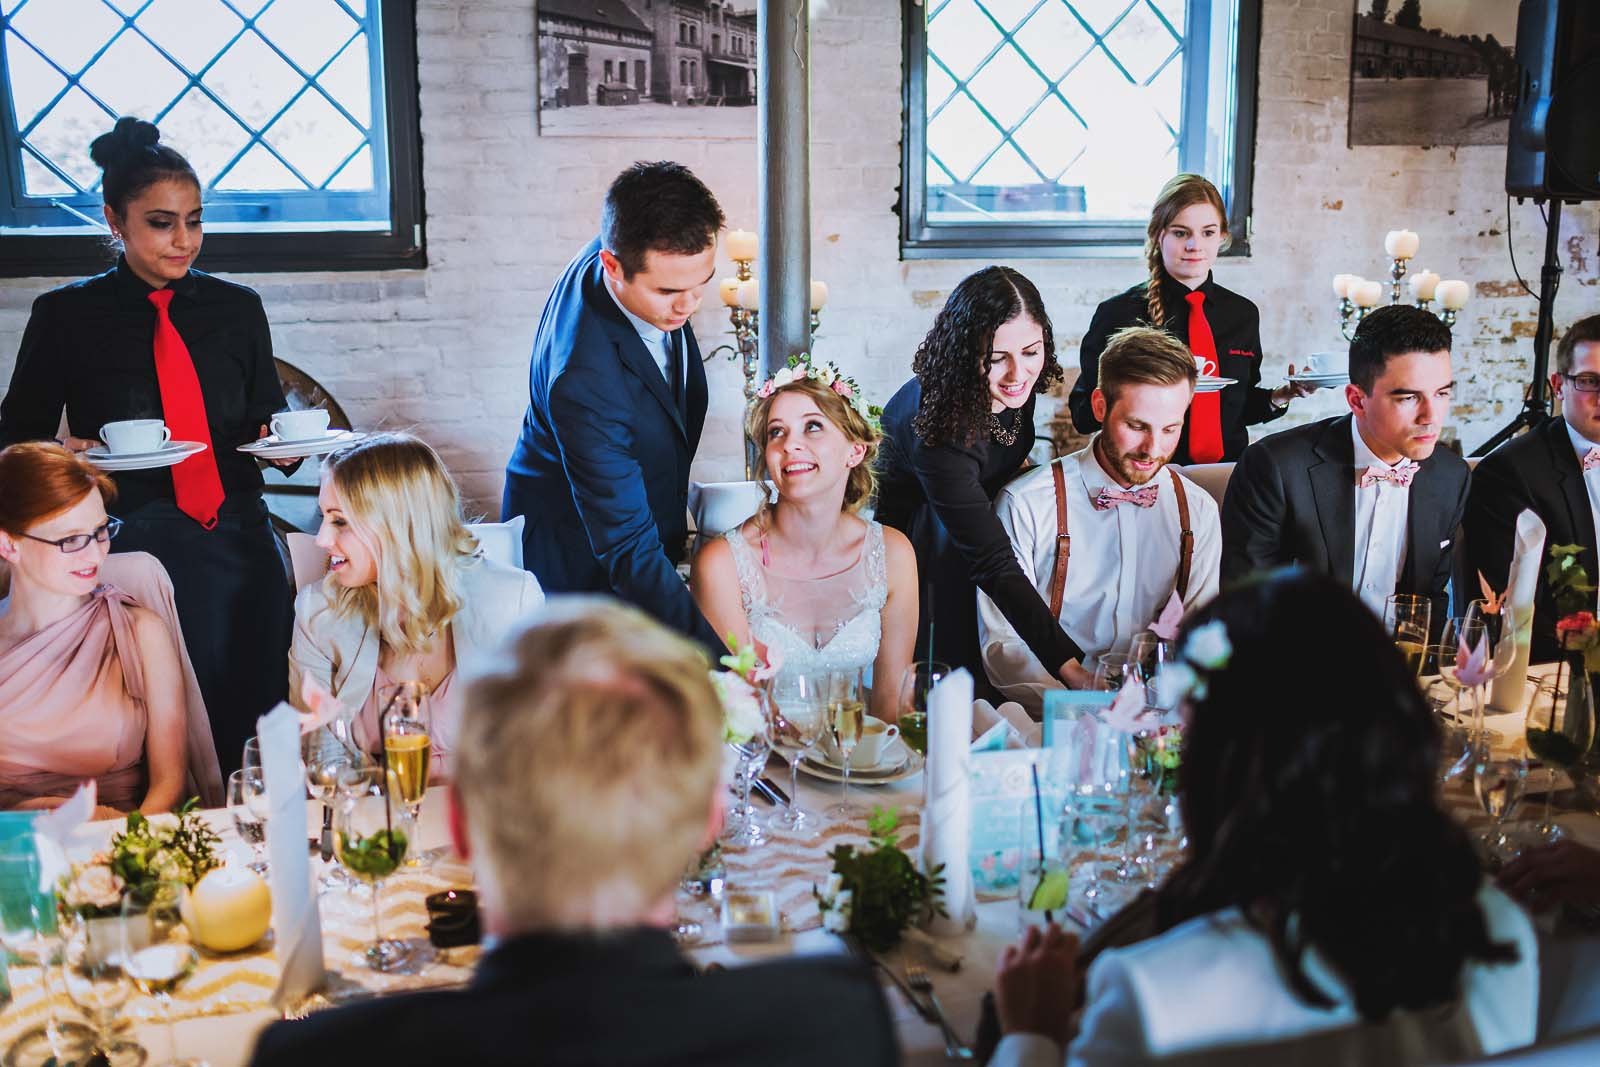 Menue am Tisch waehrend einer Hochzeit im Ochsenstall vom Schloss Britz in Berlin Copyright by Hochzeitsfotograf www.berliner-hochzeitsfotografie.de